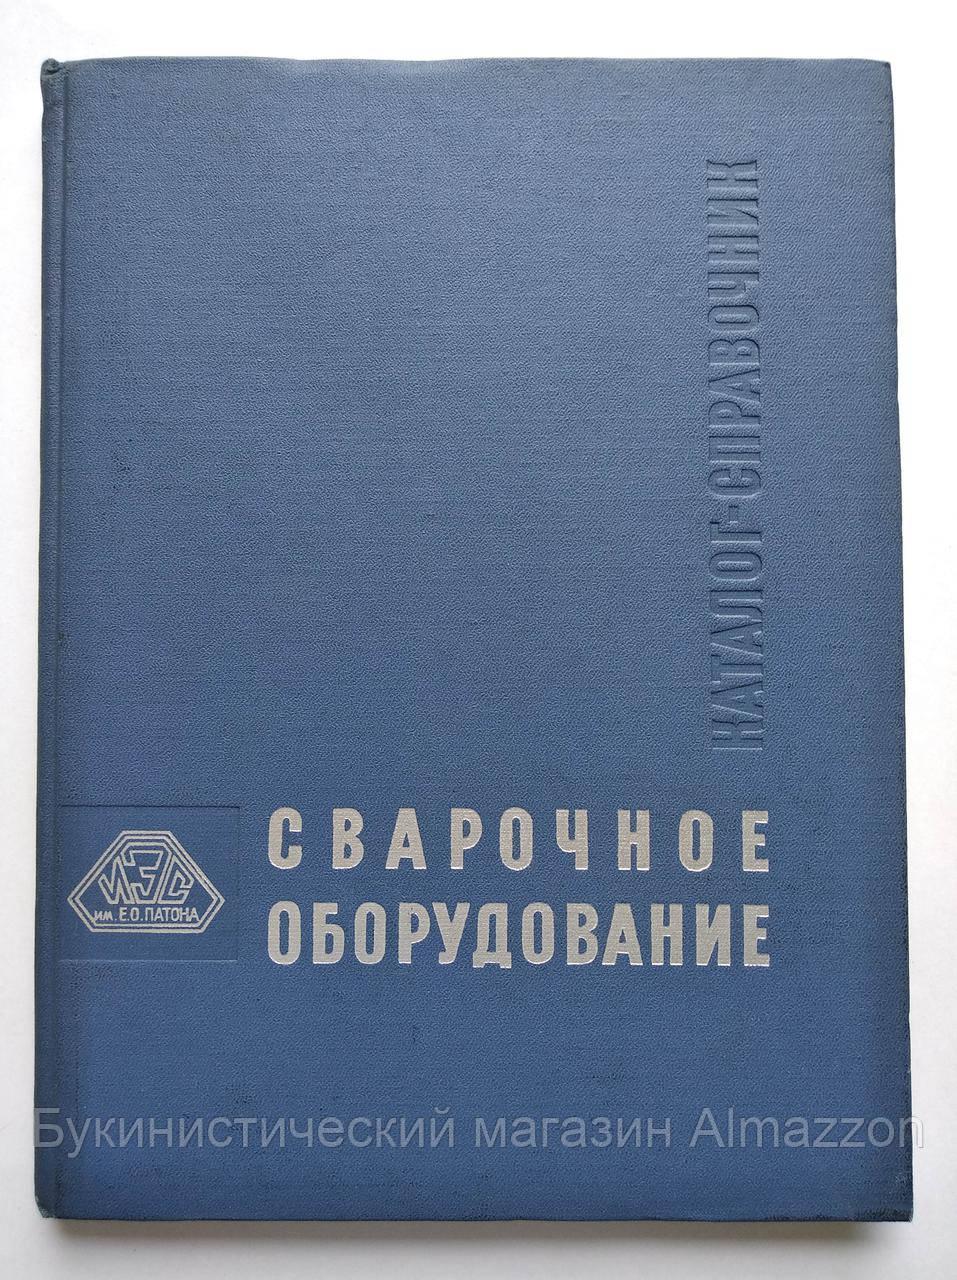 Сварочное оборудование. Каталог-справочник. 3-я часть